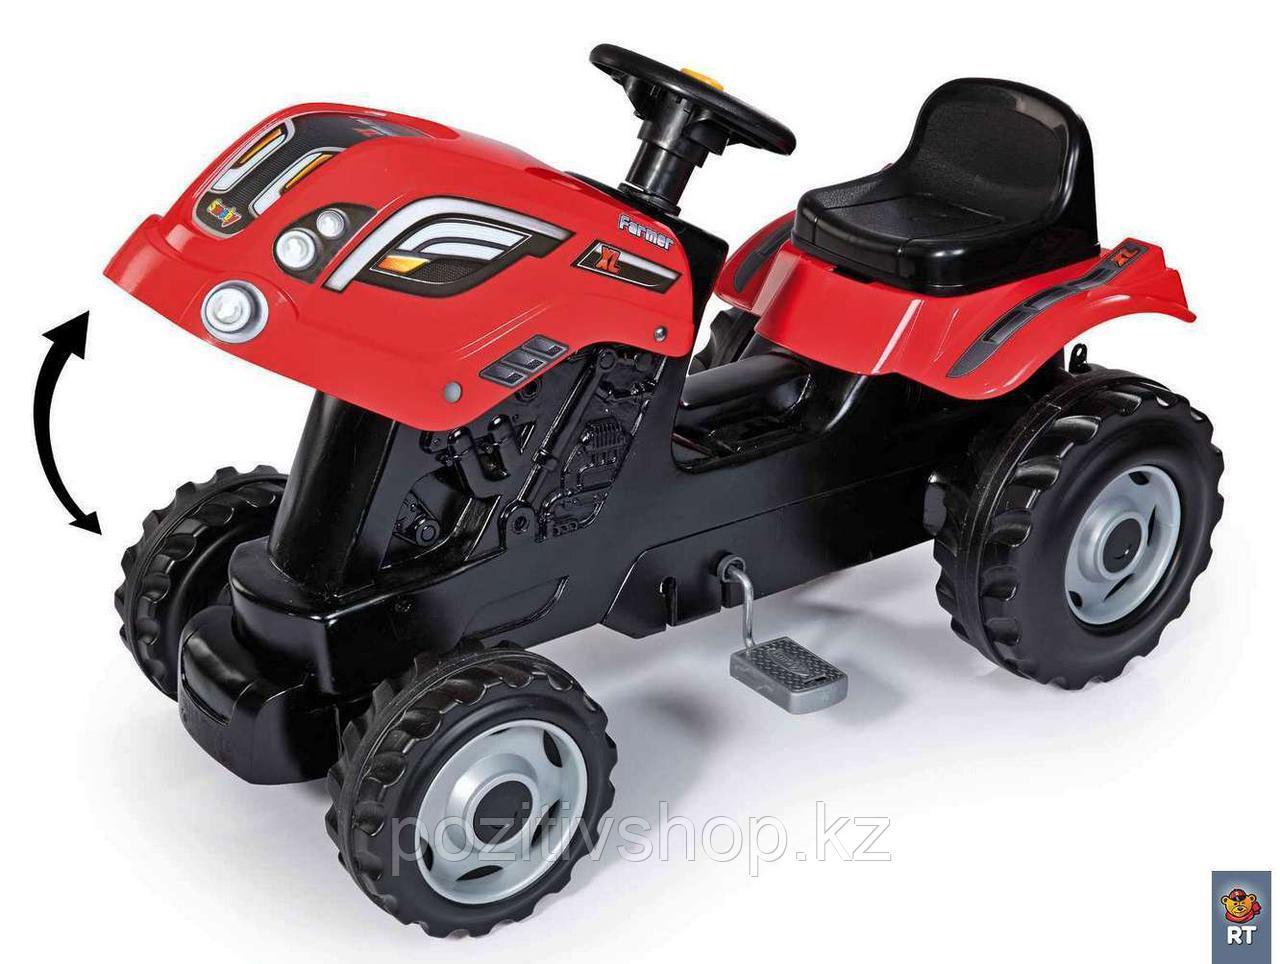 Детский педальный трактор Smoby XL с прицепом - фото 3